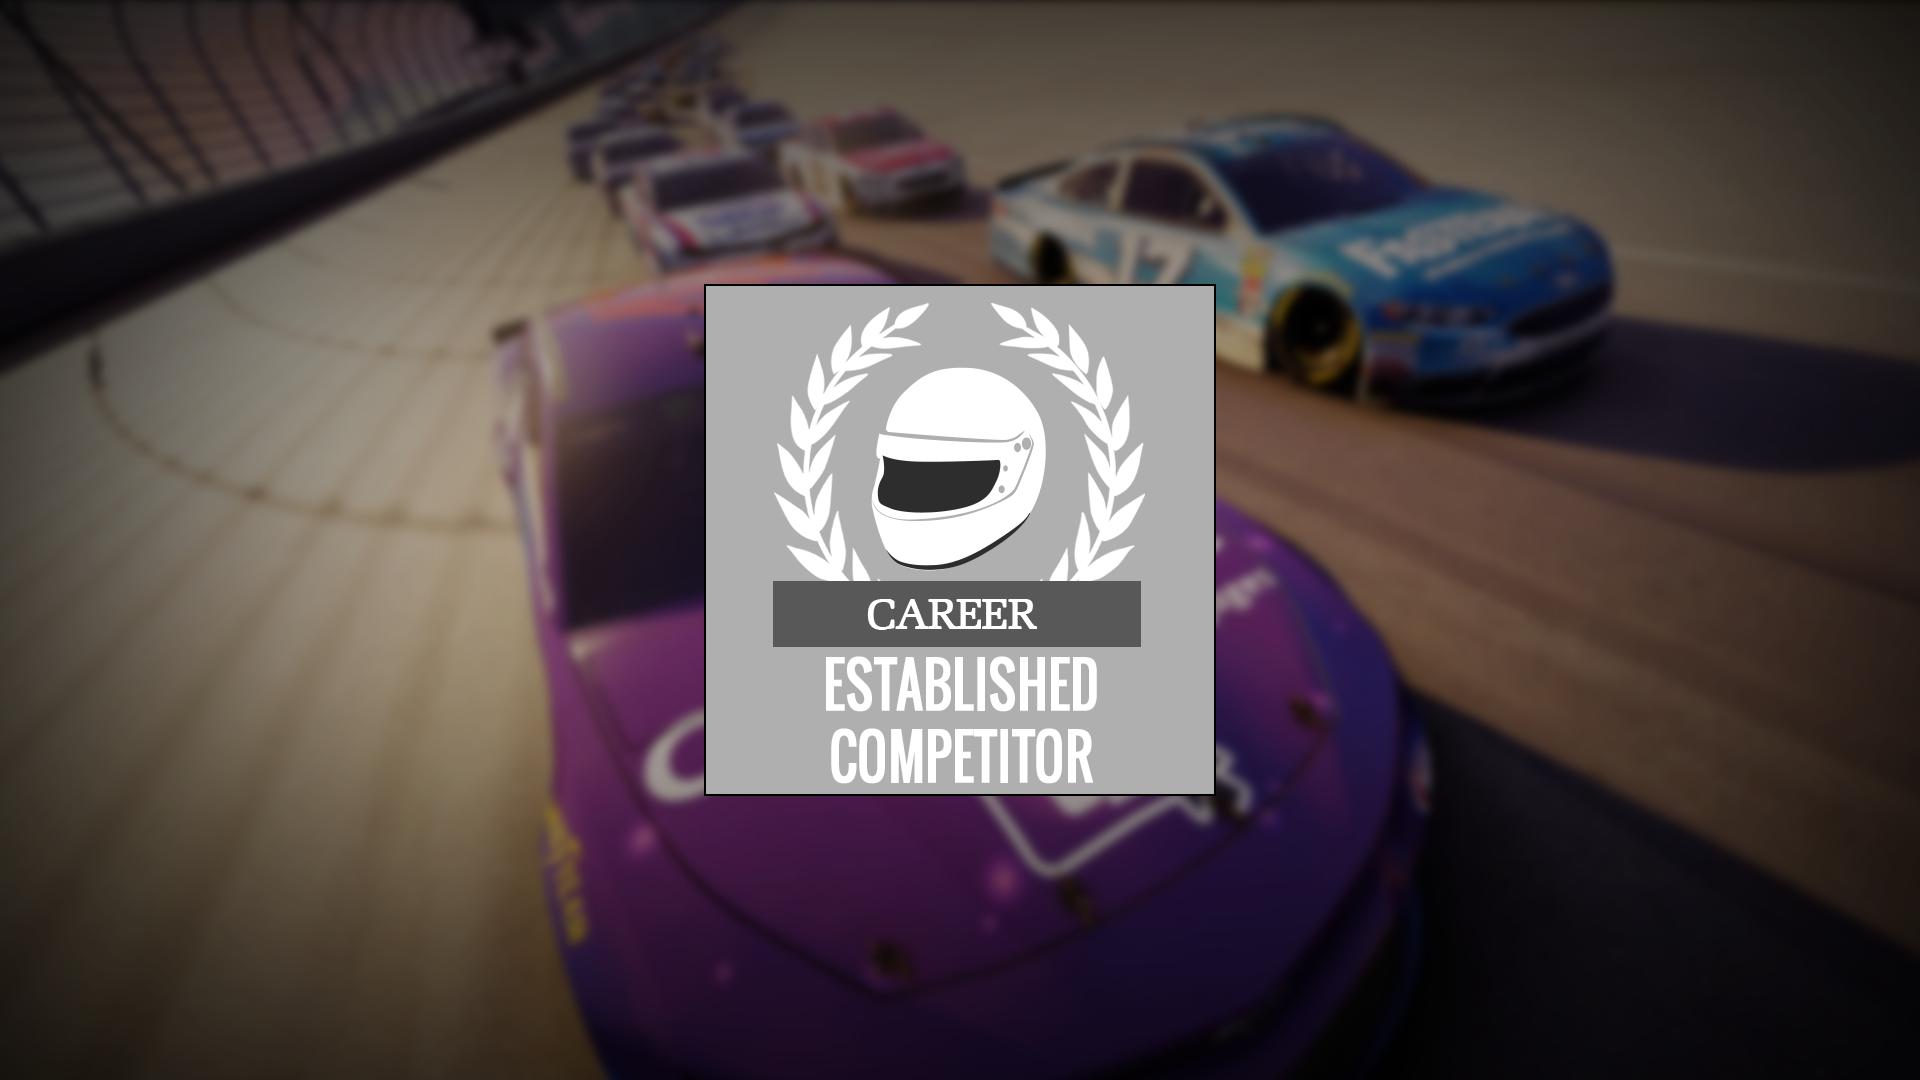 Established Competitor